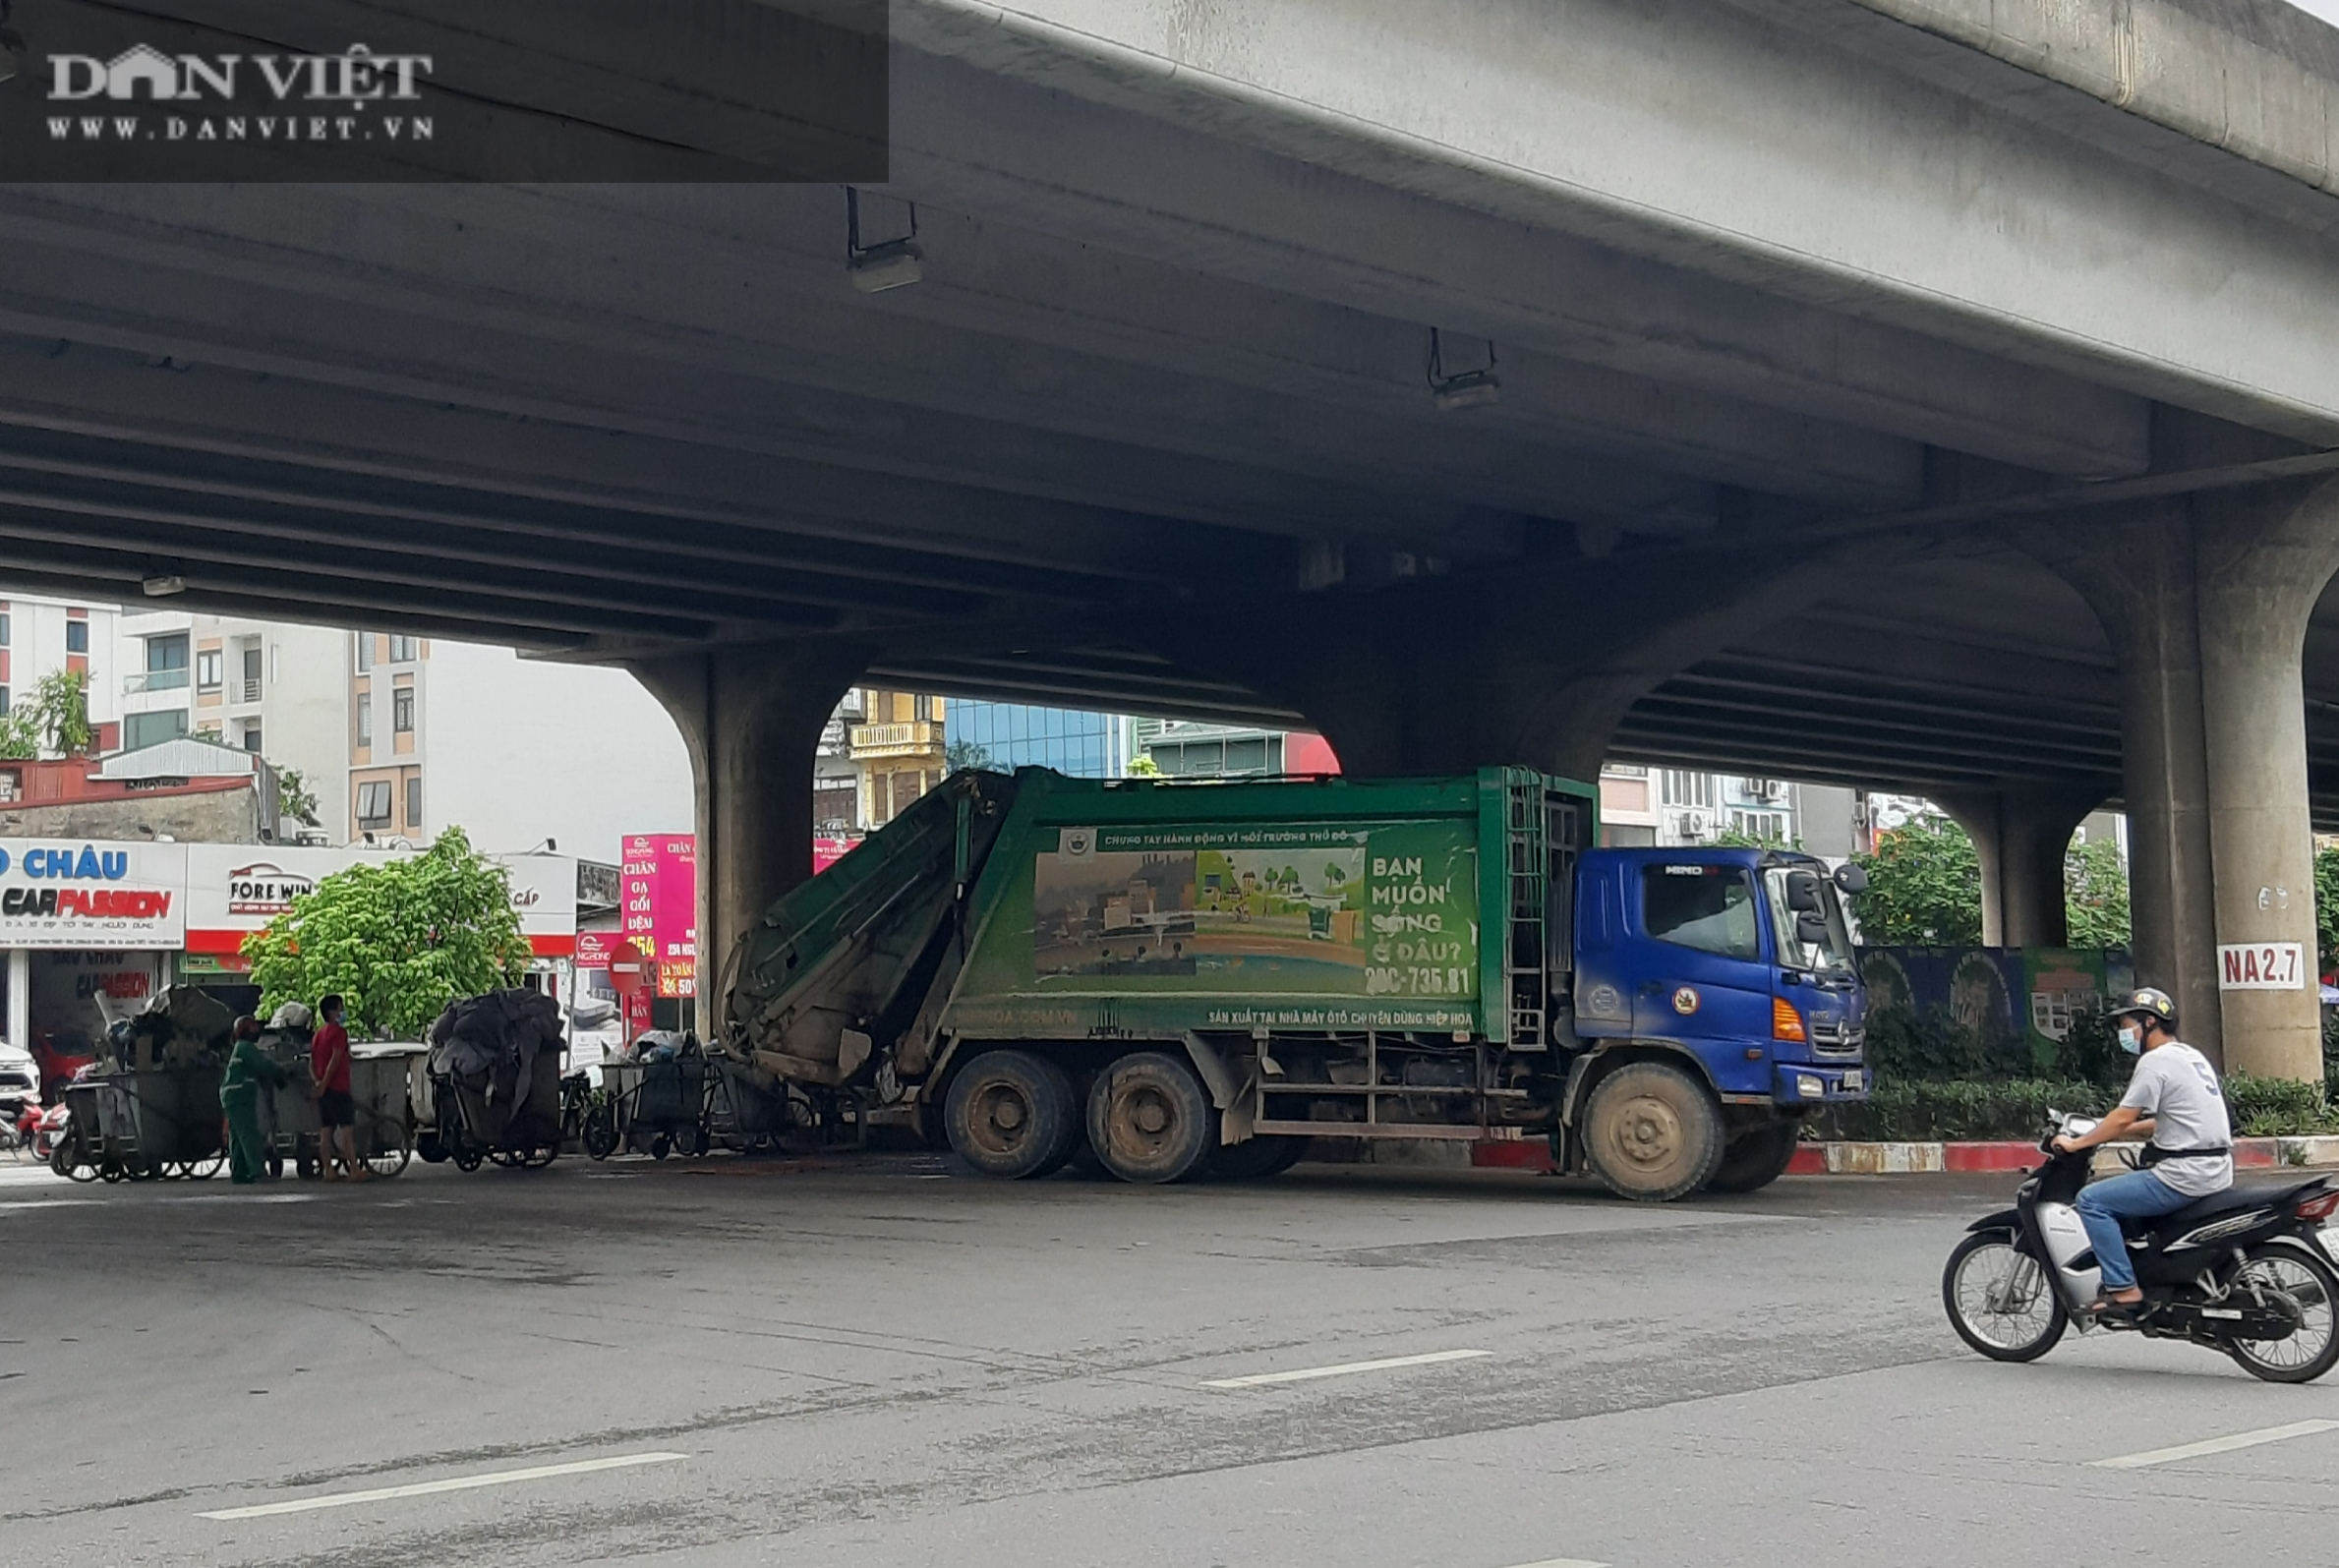 Bài 2: Tràn lan hình ảnh gây ô nhiễm của các công ty bảo vệ môi trường giữa thủ đô - Ảnh 16.